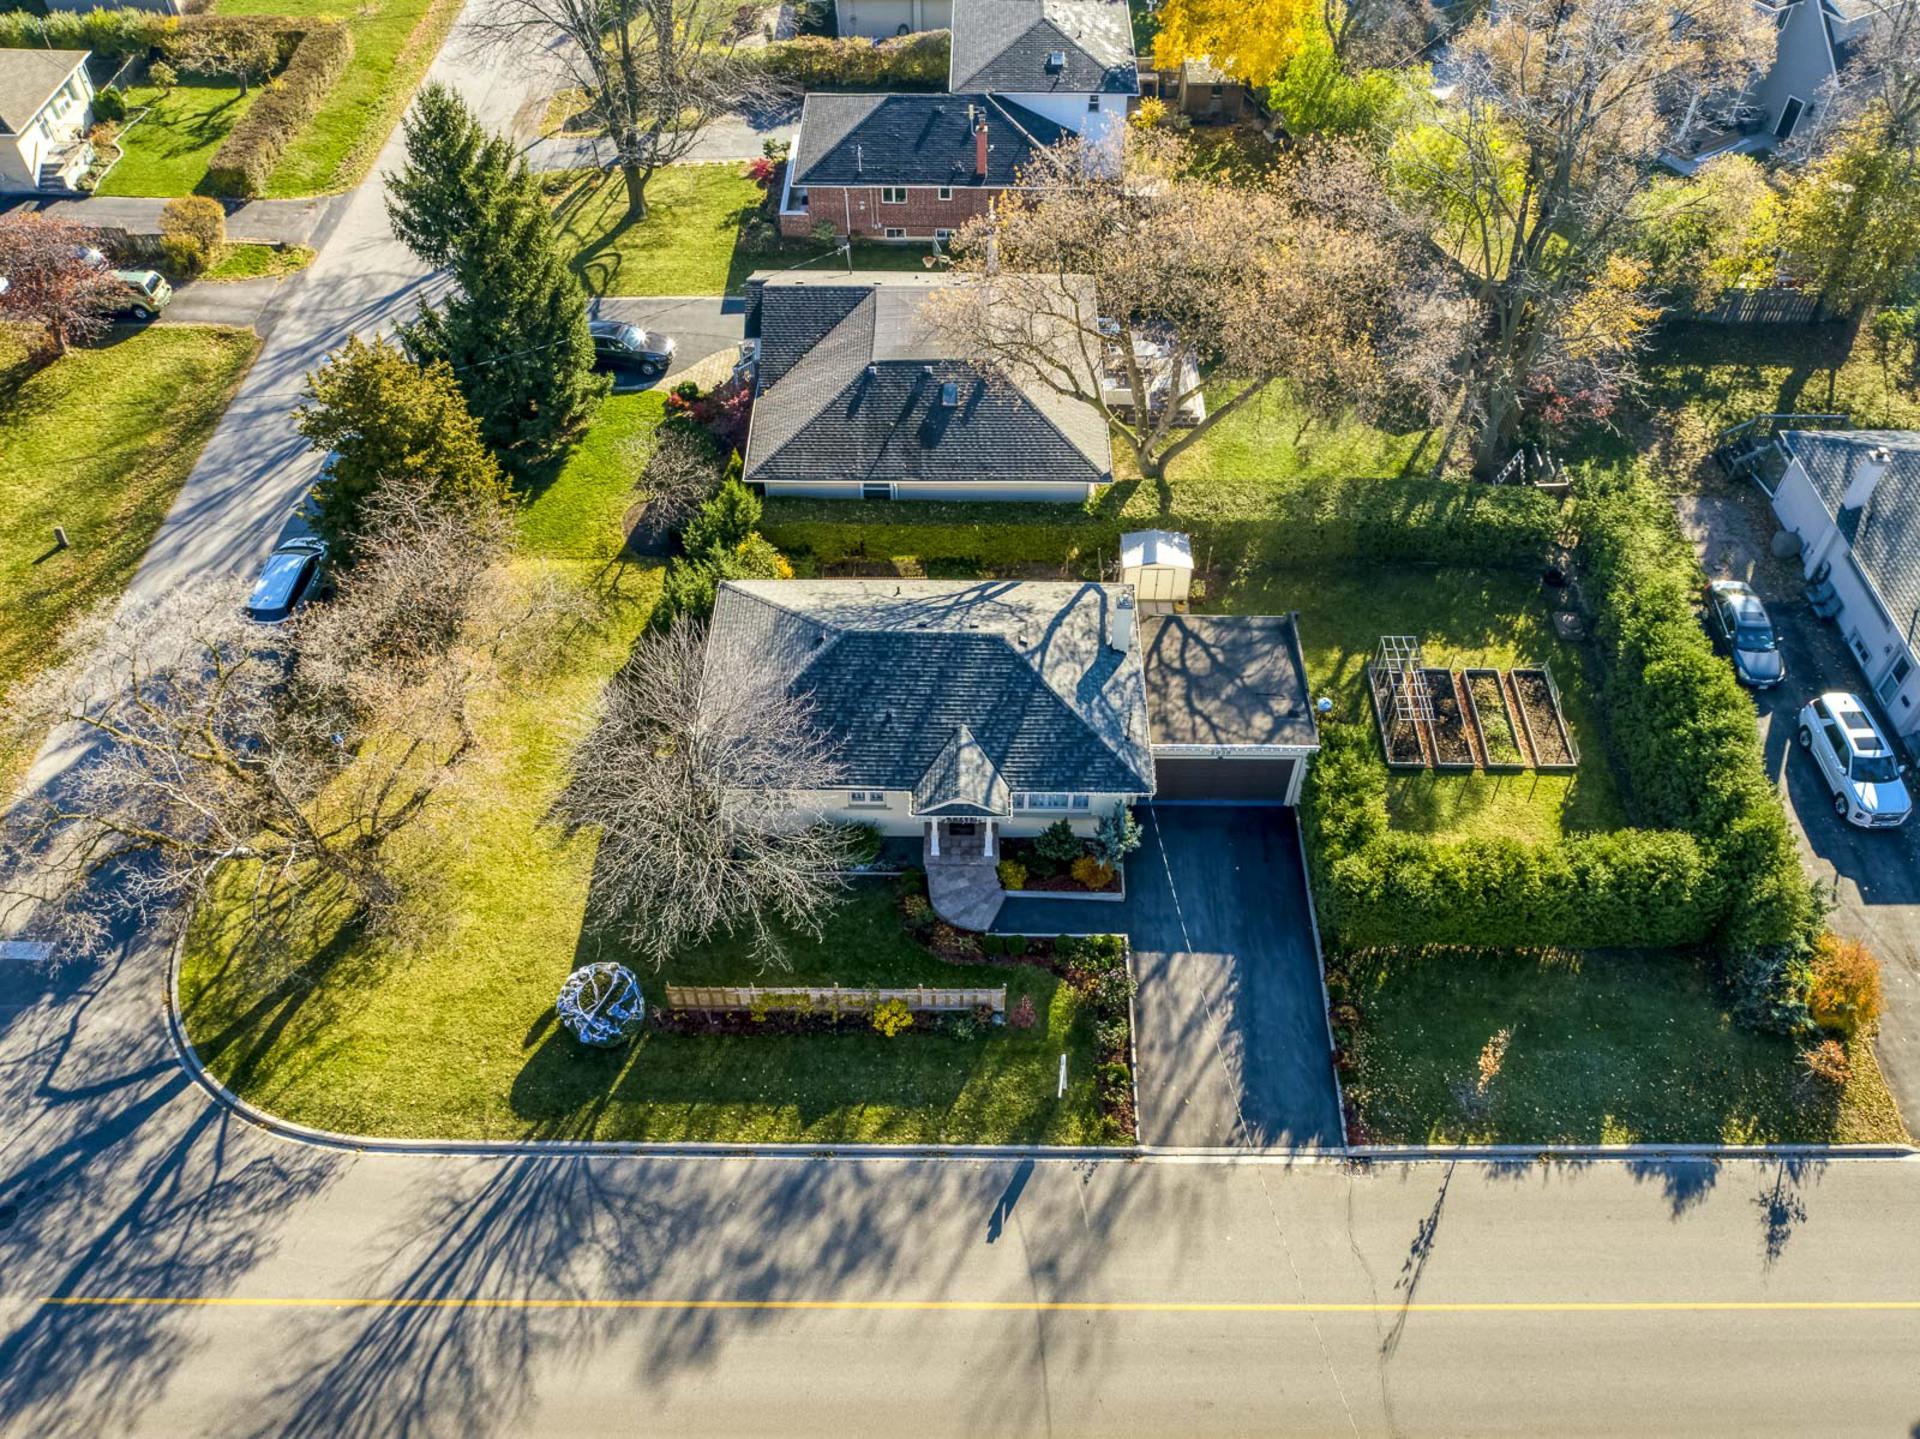 Exterior - 2058 Constance Dr, Oakville - Elite3 & Team at 2058 Constance Drive, Eastlake, Oakville